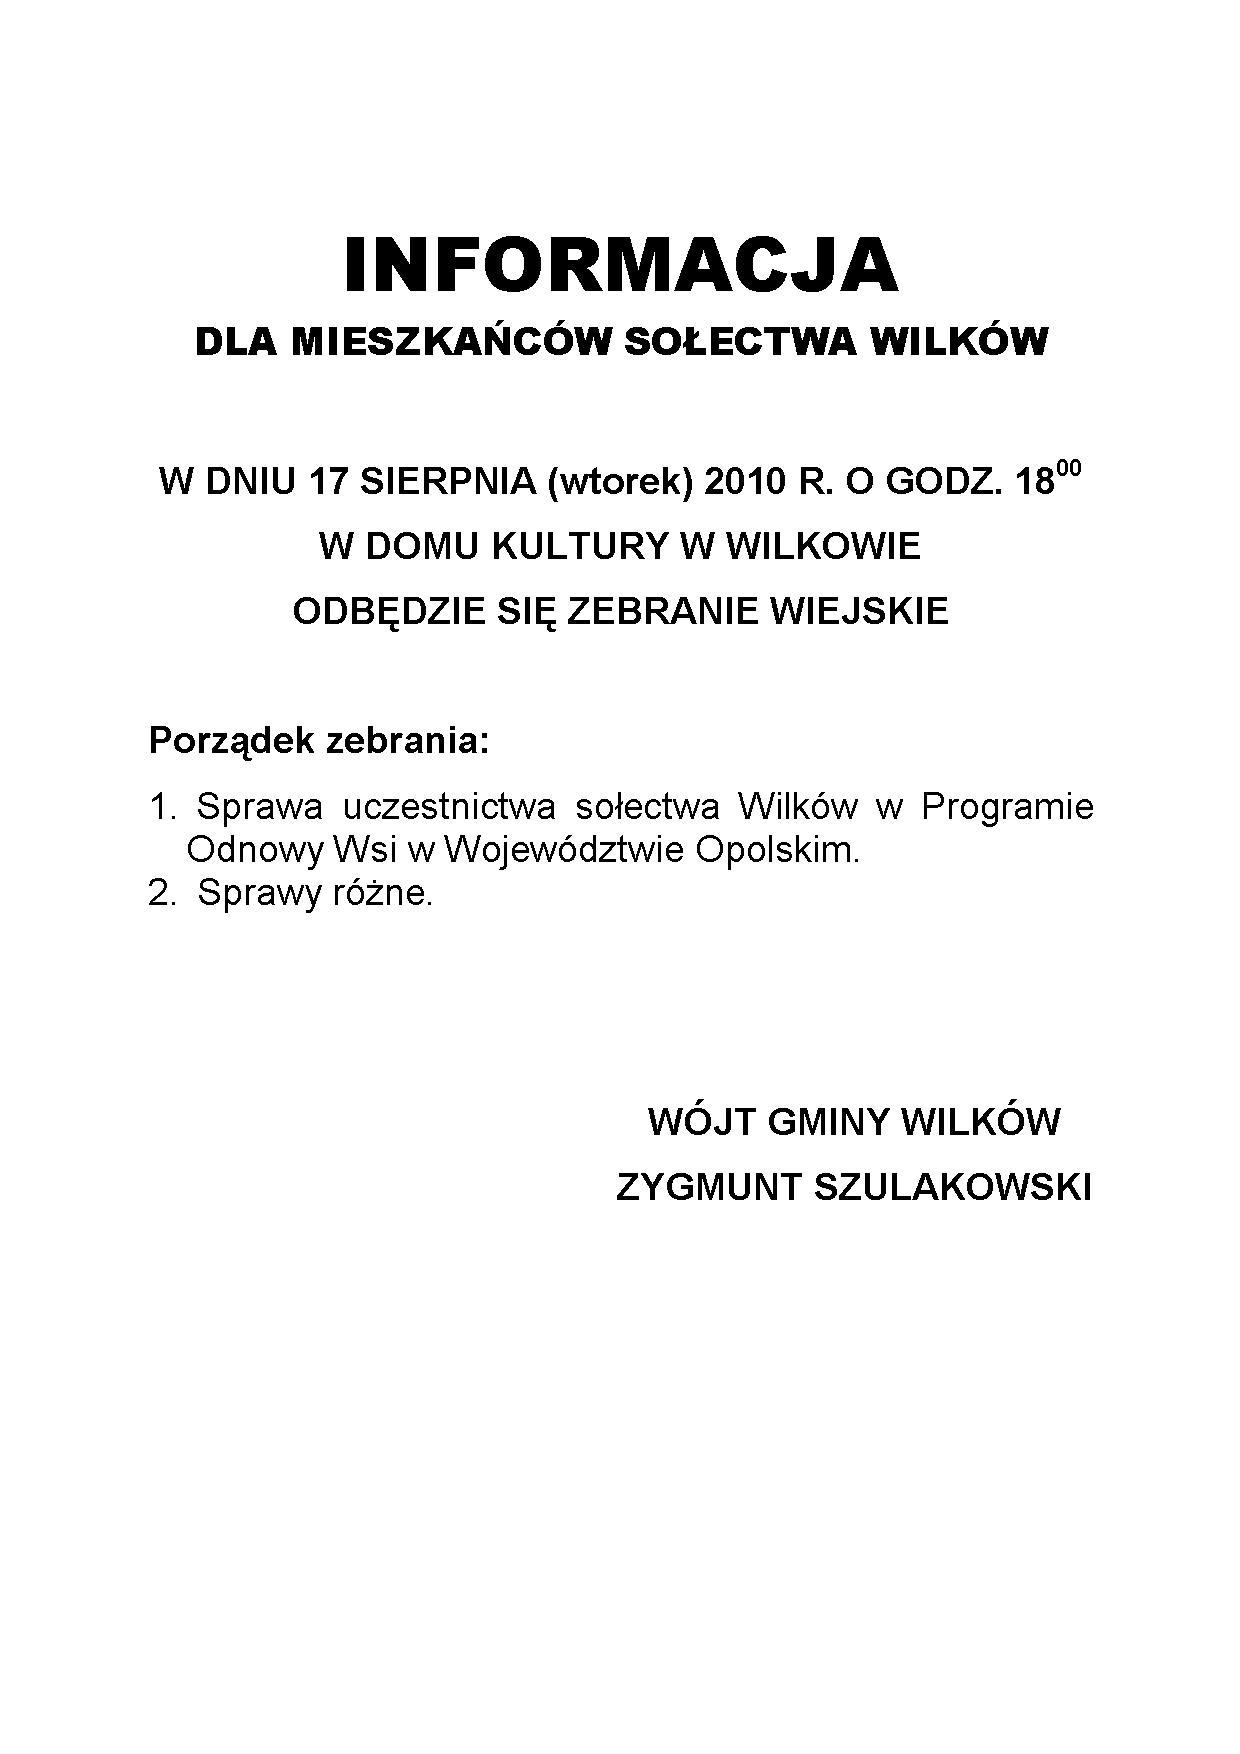 INFOR.zeb.wiej.Wilków_p01.jpeg